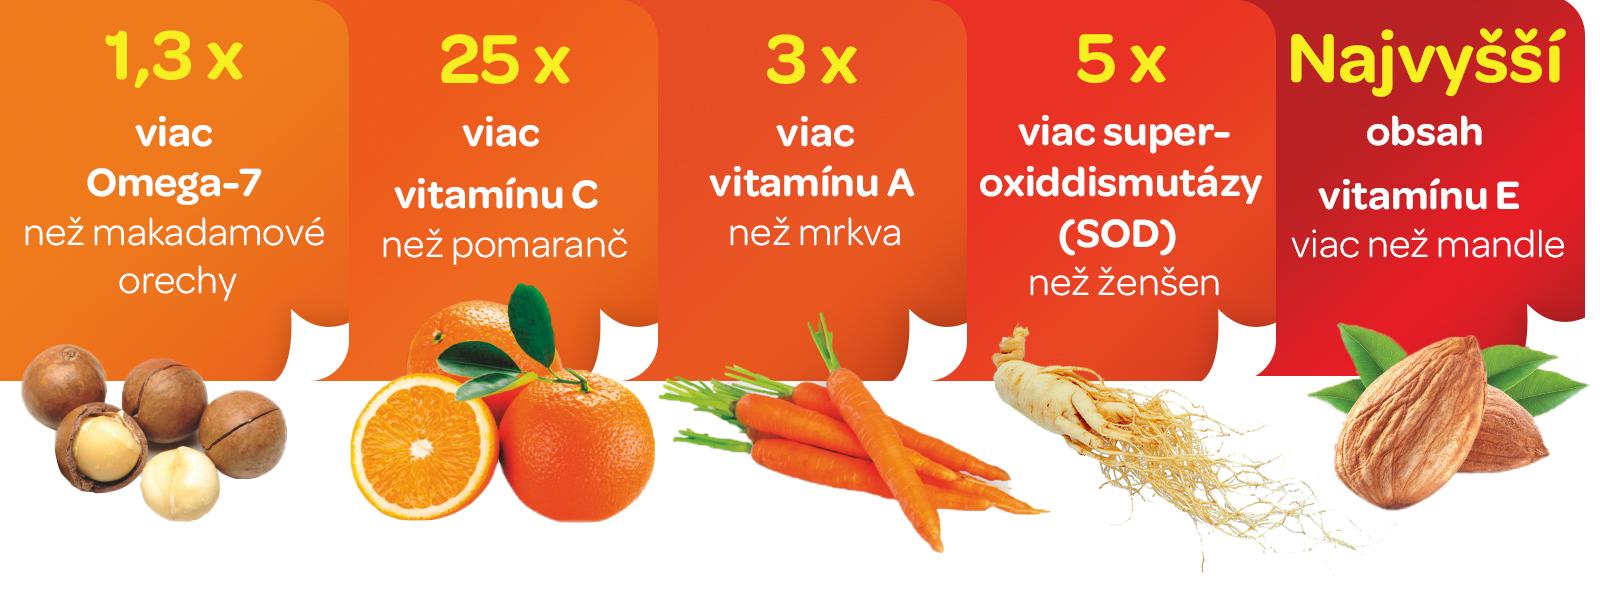 Terezia, rakytníček, multivitamínové želatínky, 9 vitaminu, morsky svet, podpora imunity, Zdravá odmena, doplnenie vitamínov, omega 7, vitamín A, vitamín C, vitamín E